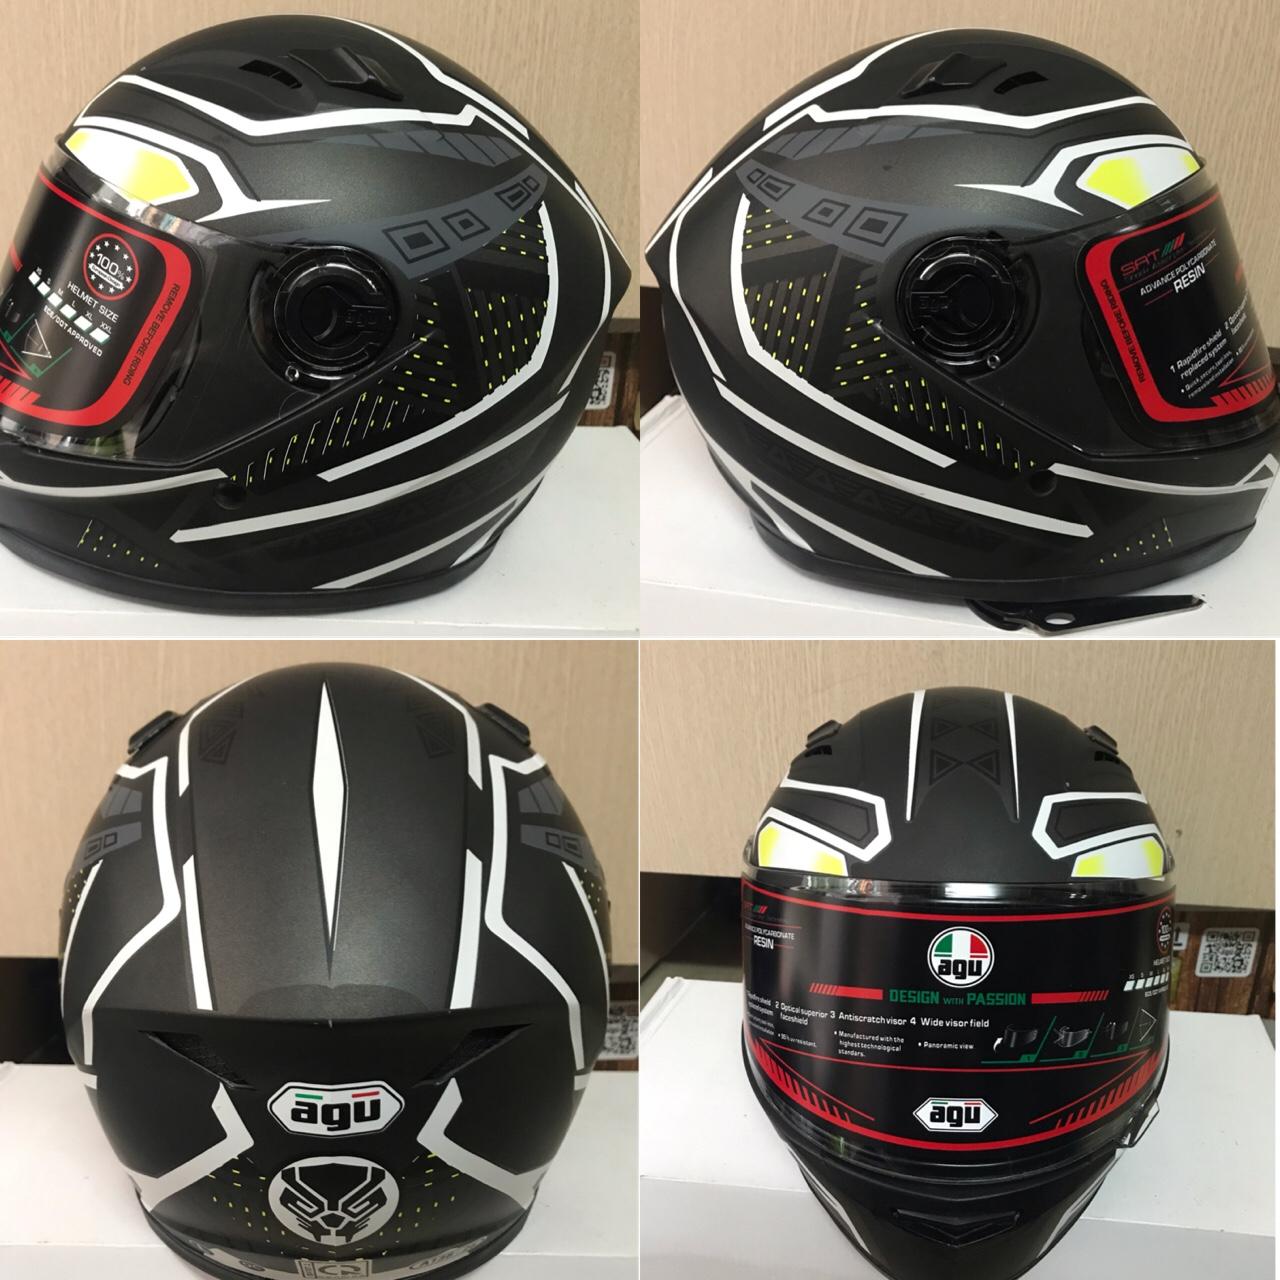 Mũ bảo hiểm fullface AGU tem phản quang họa tiết đối xứng kẻ đen trắng (hàng chính hãng)